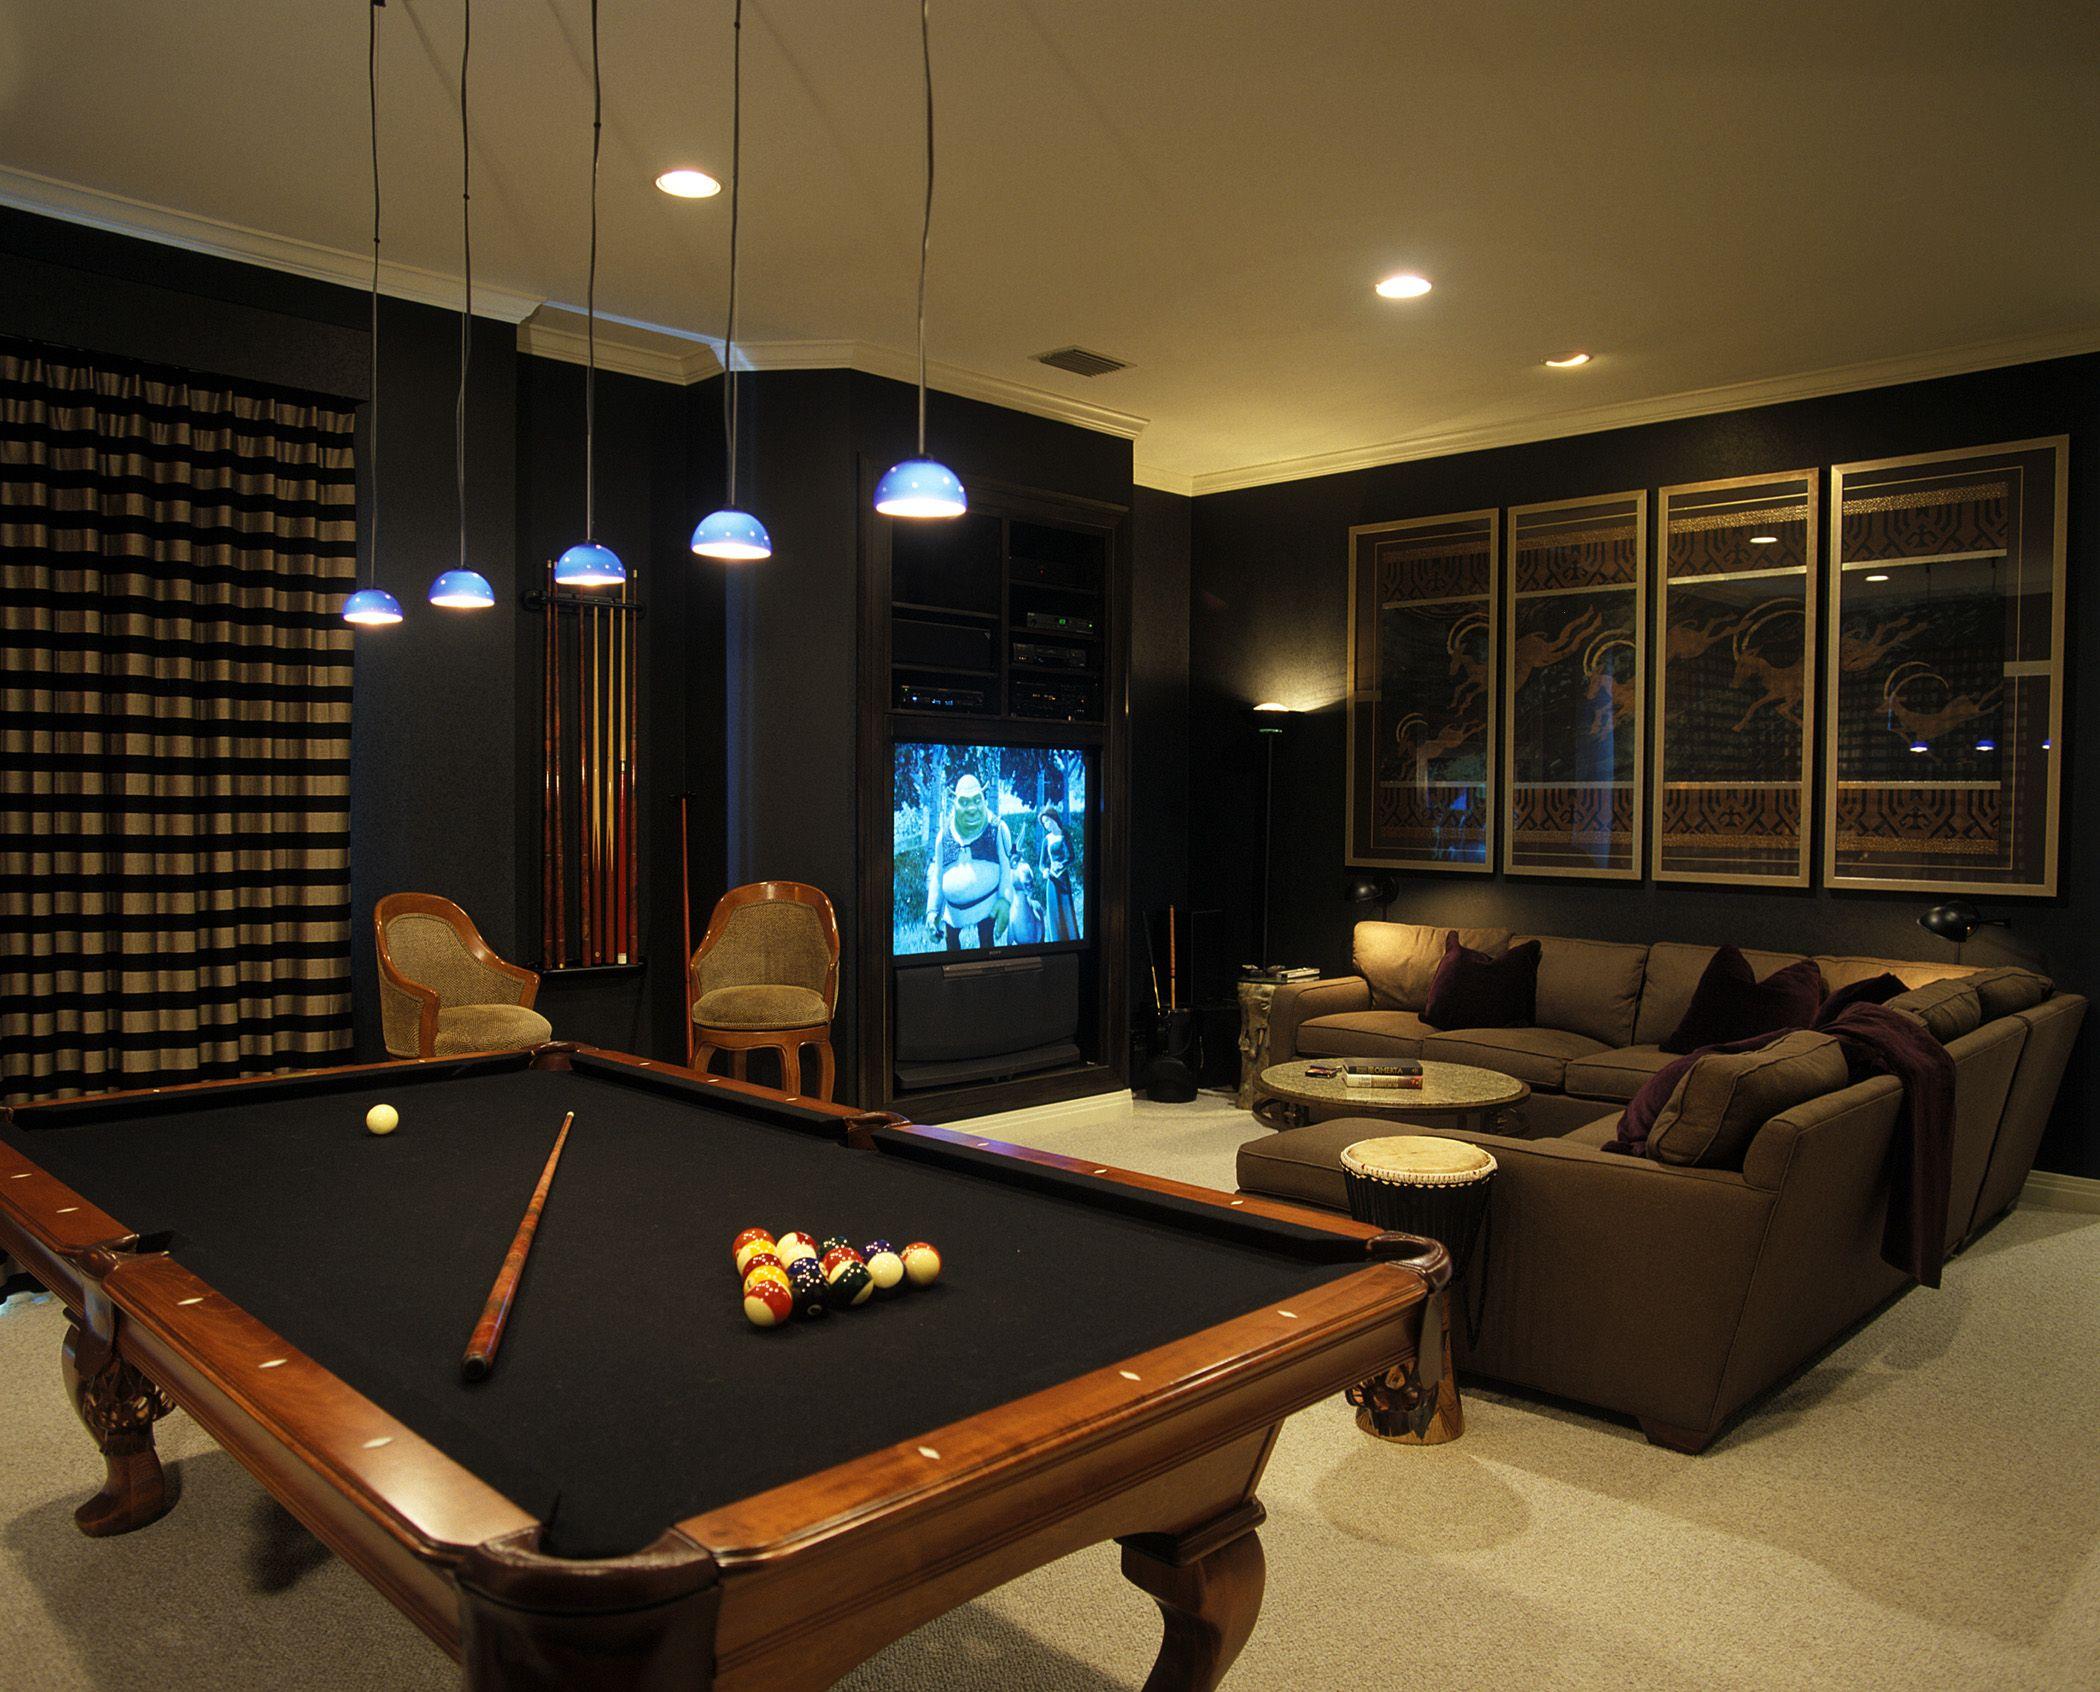 Dark Media Room With Pool Table Pool Table Room Man Cave Room